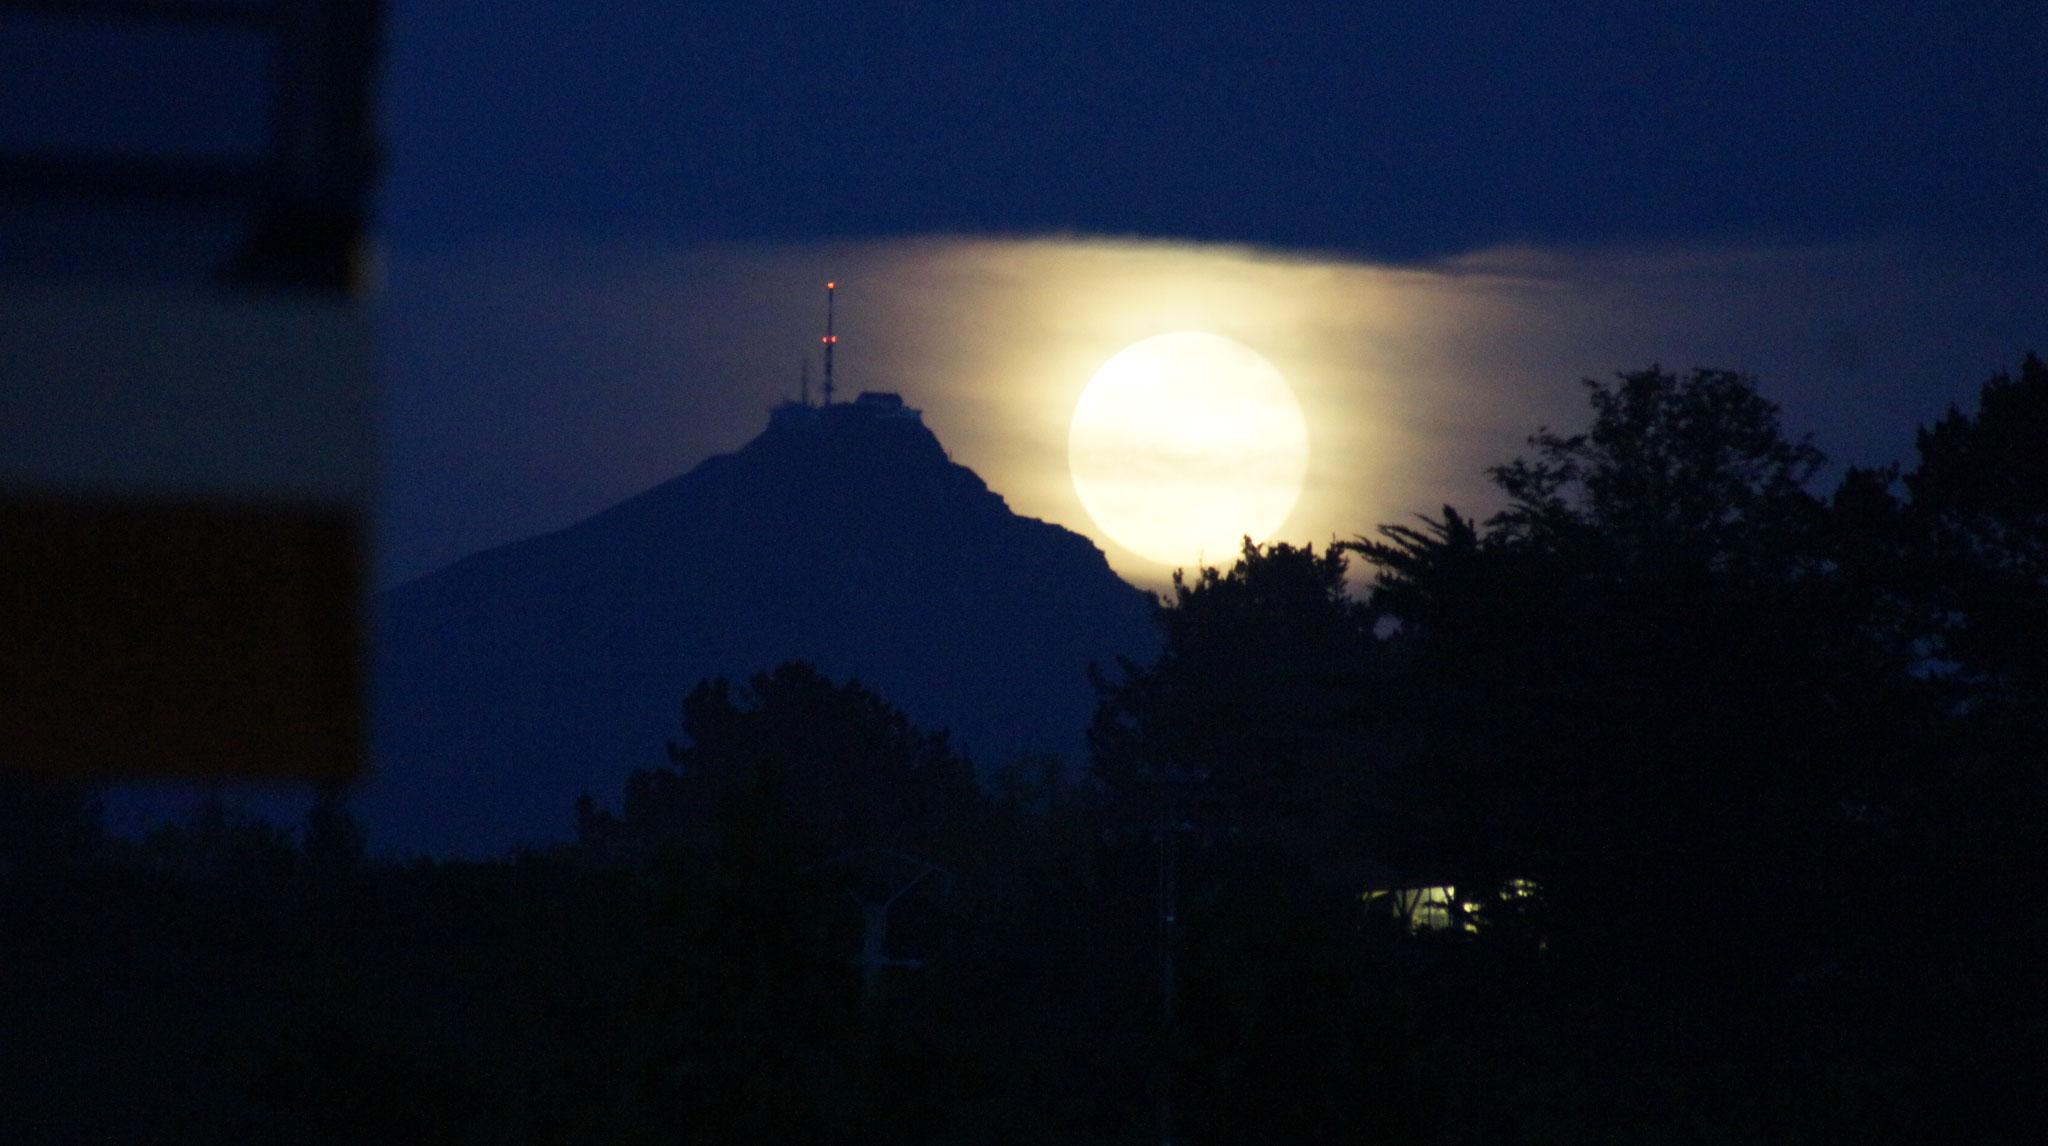 les tons profondément noirs du lever de Lune sur la RHUNE